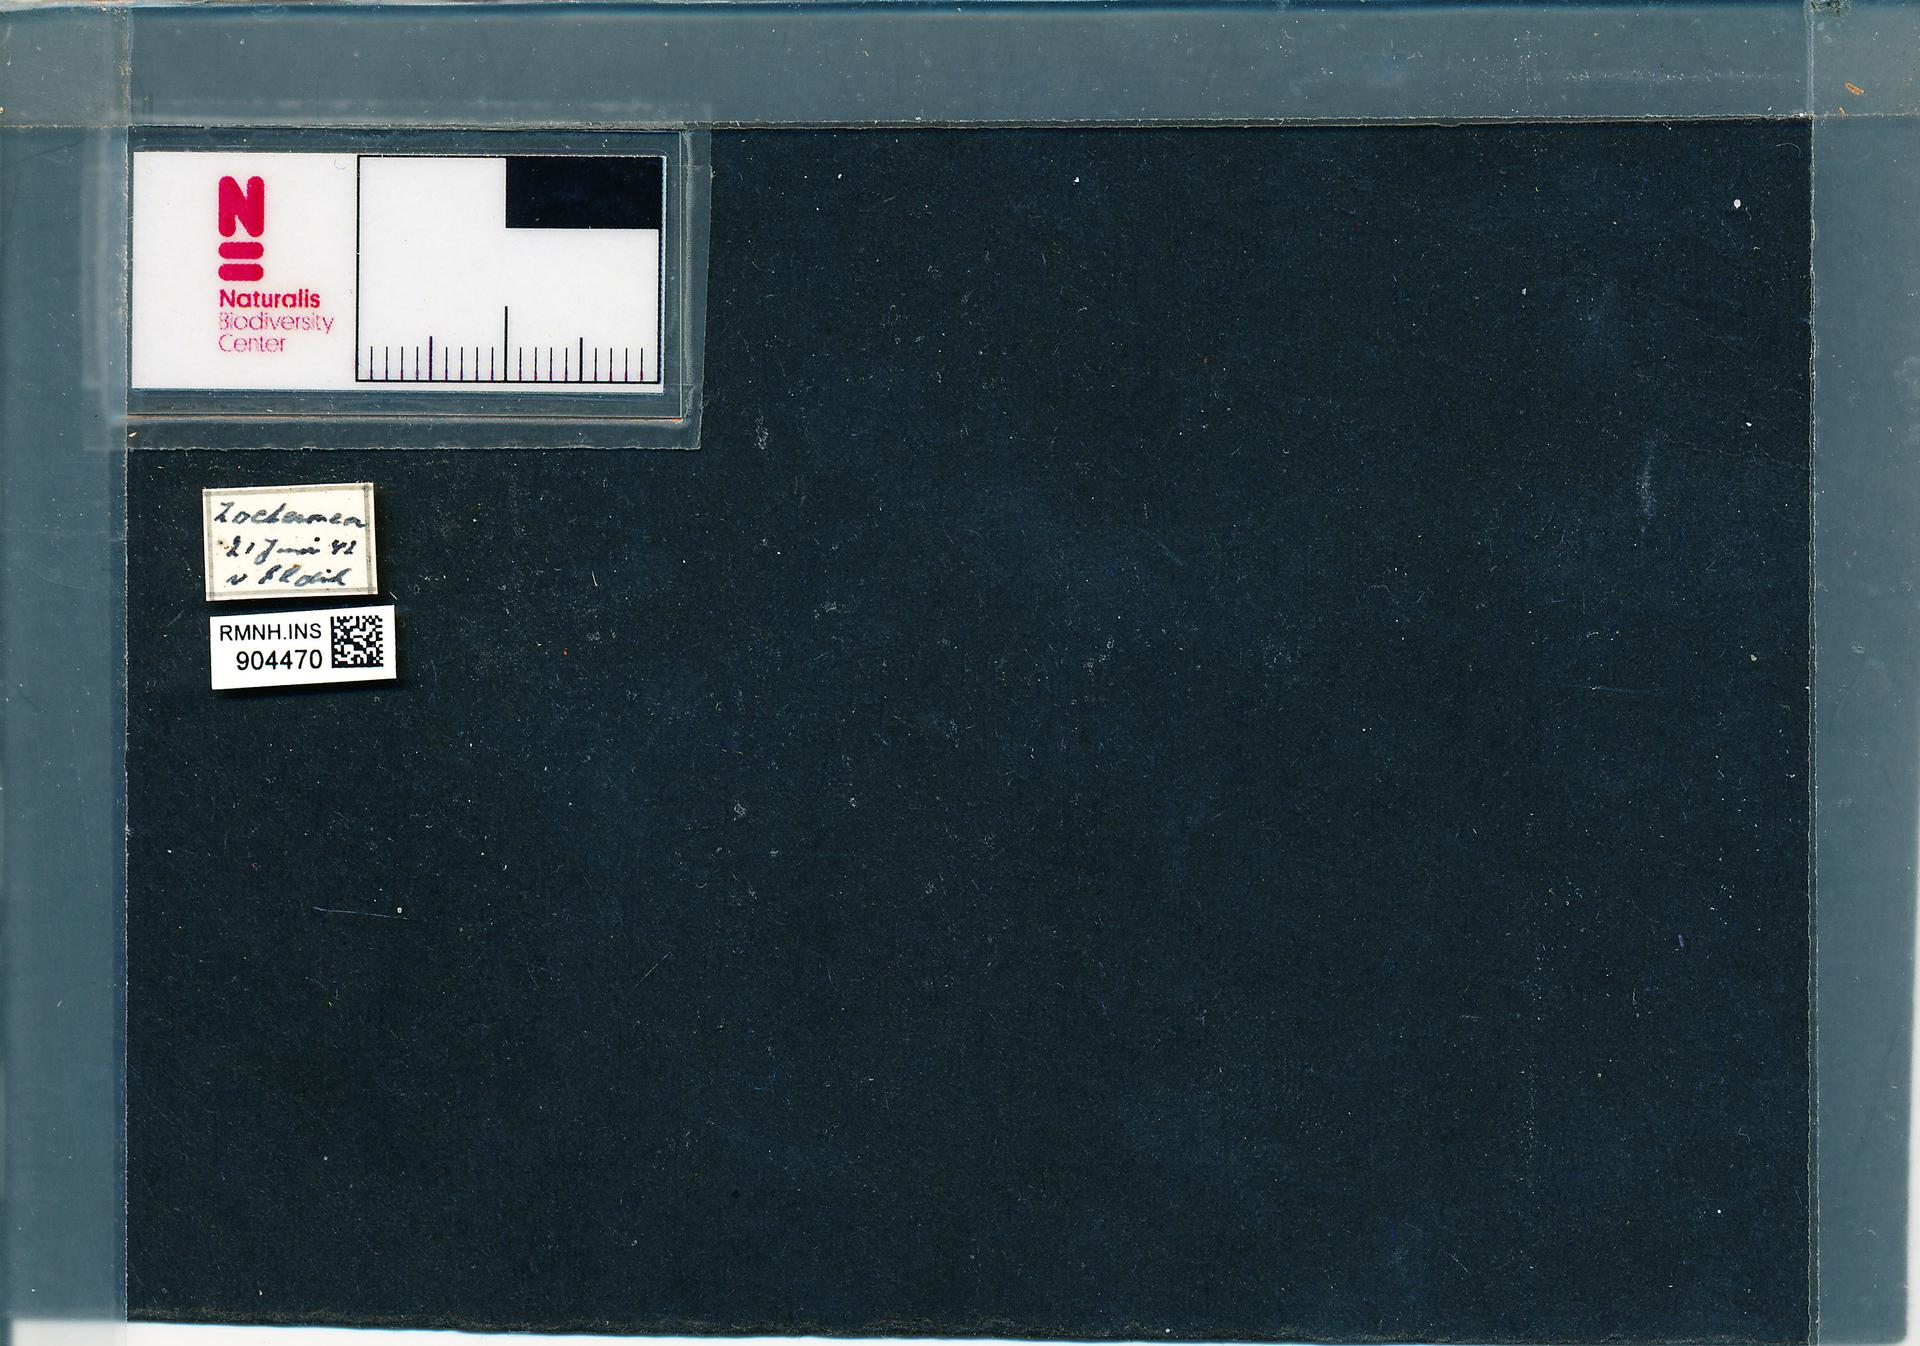 RMNH.INS.904470 | Anisosticta novemdecimpunctata (L.)